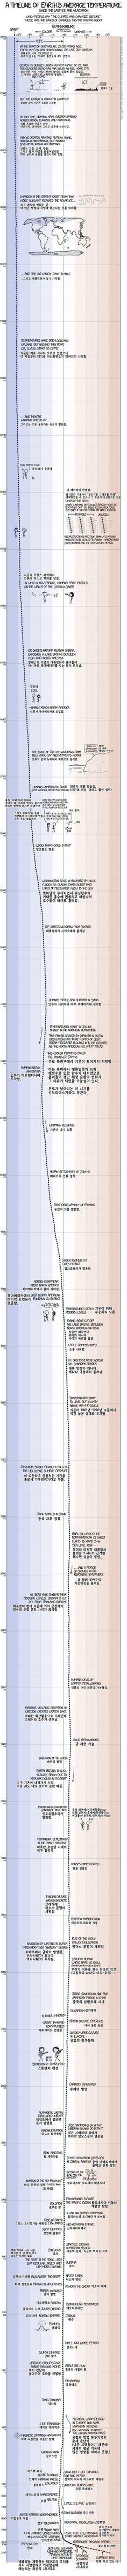 지구의 기후변화.jpg